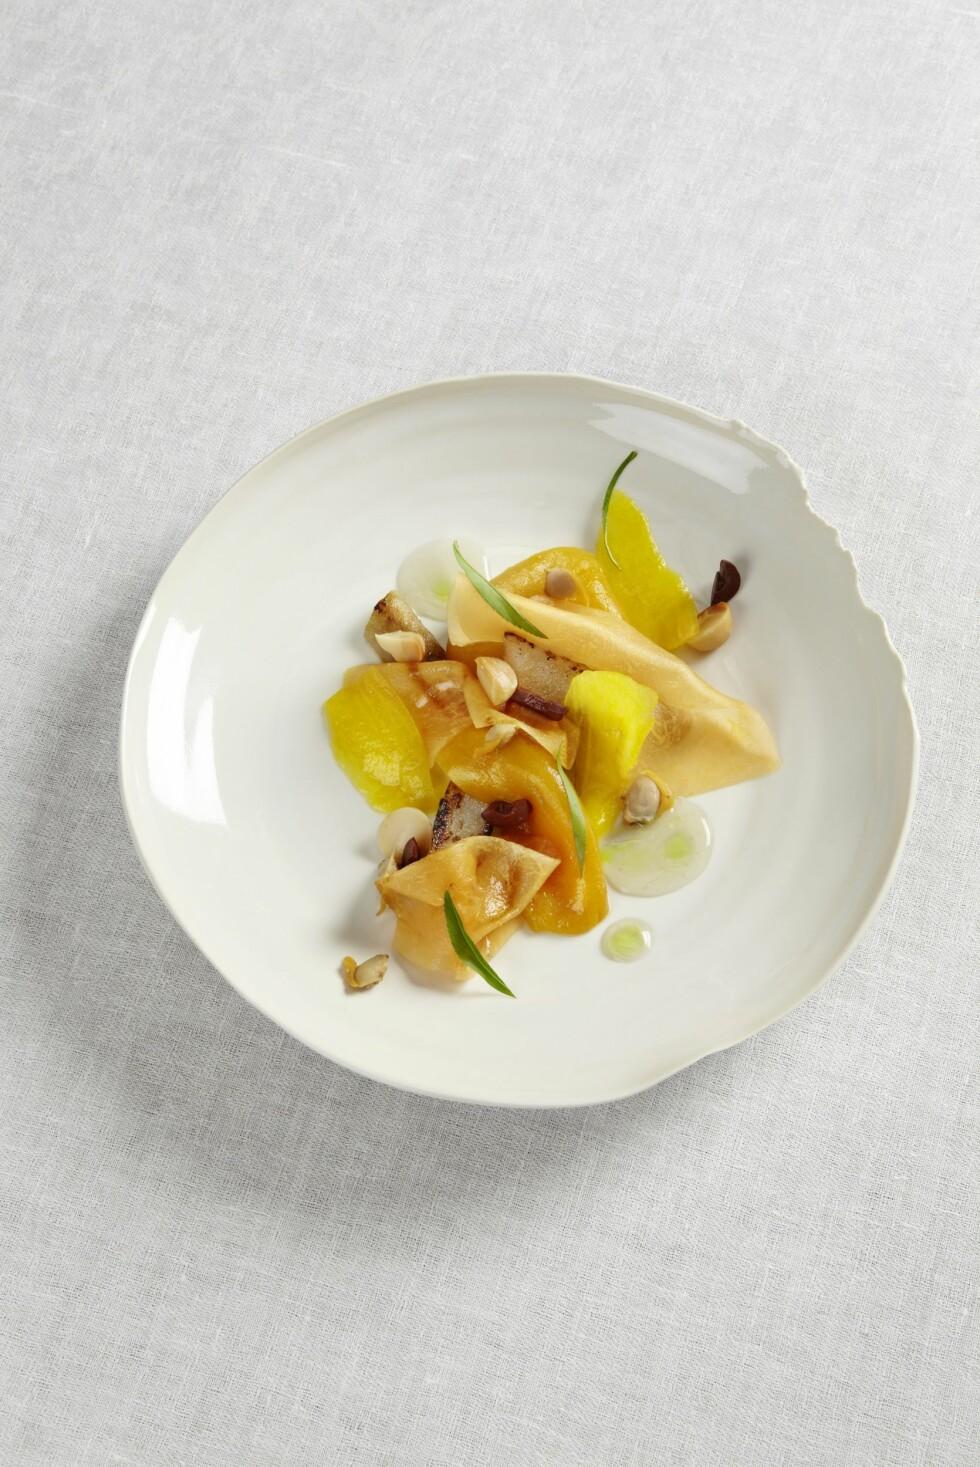 Foto: Restaurant Steirereck GmbH